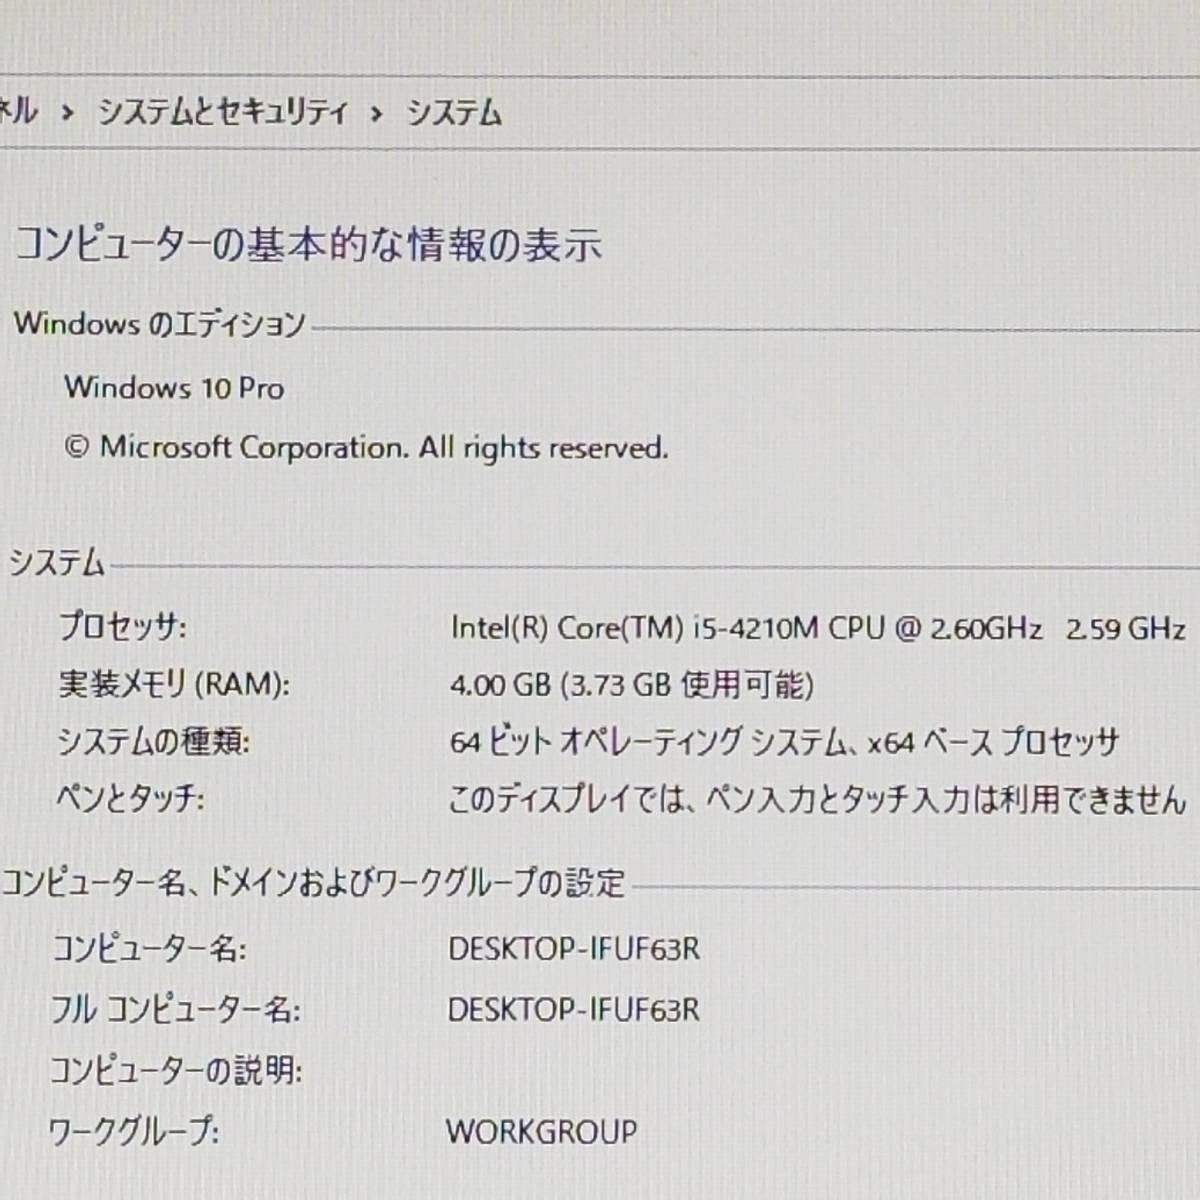 ★2015年モデル・美品★高性能第4世代i5(ターボ)搭載/HDD500GB/メモリ4GB/無線Wi-Fi/Webカメラ/最新Office搭載/Win10/ThinkPad L540(C7639)_★高性能第4世代i5(ターボブースト搭載)★